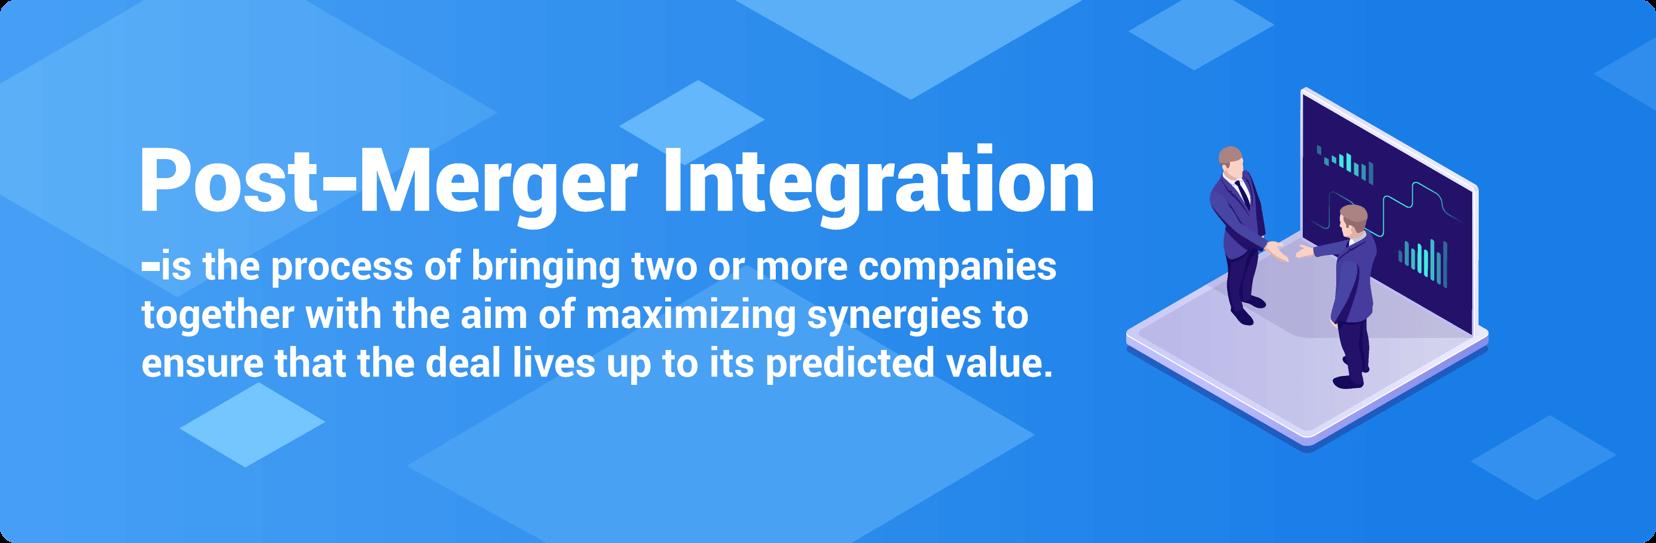 post merger integration definition